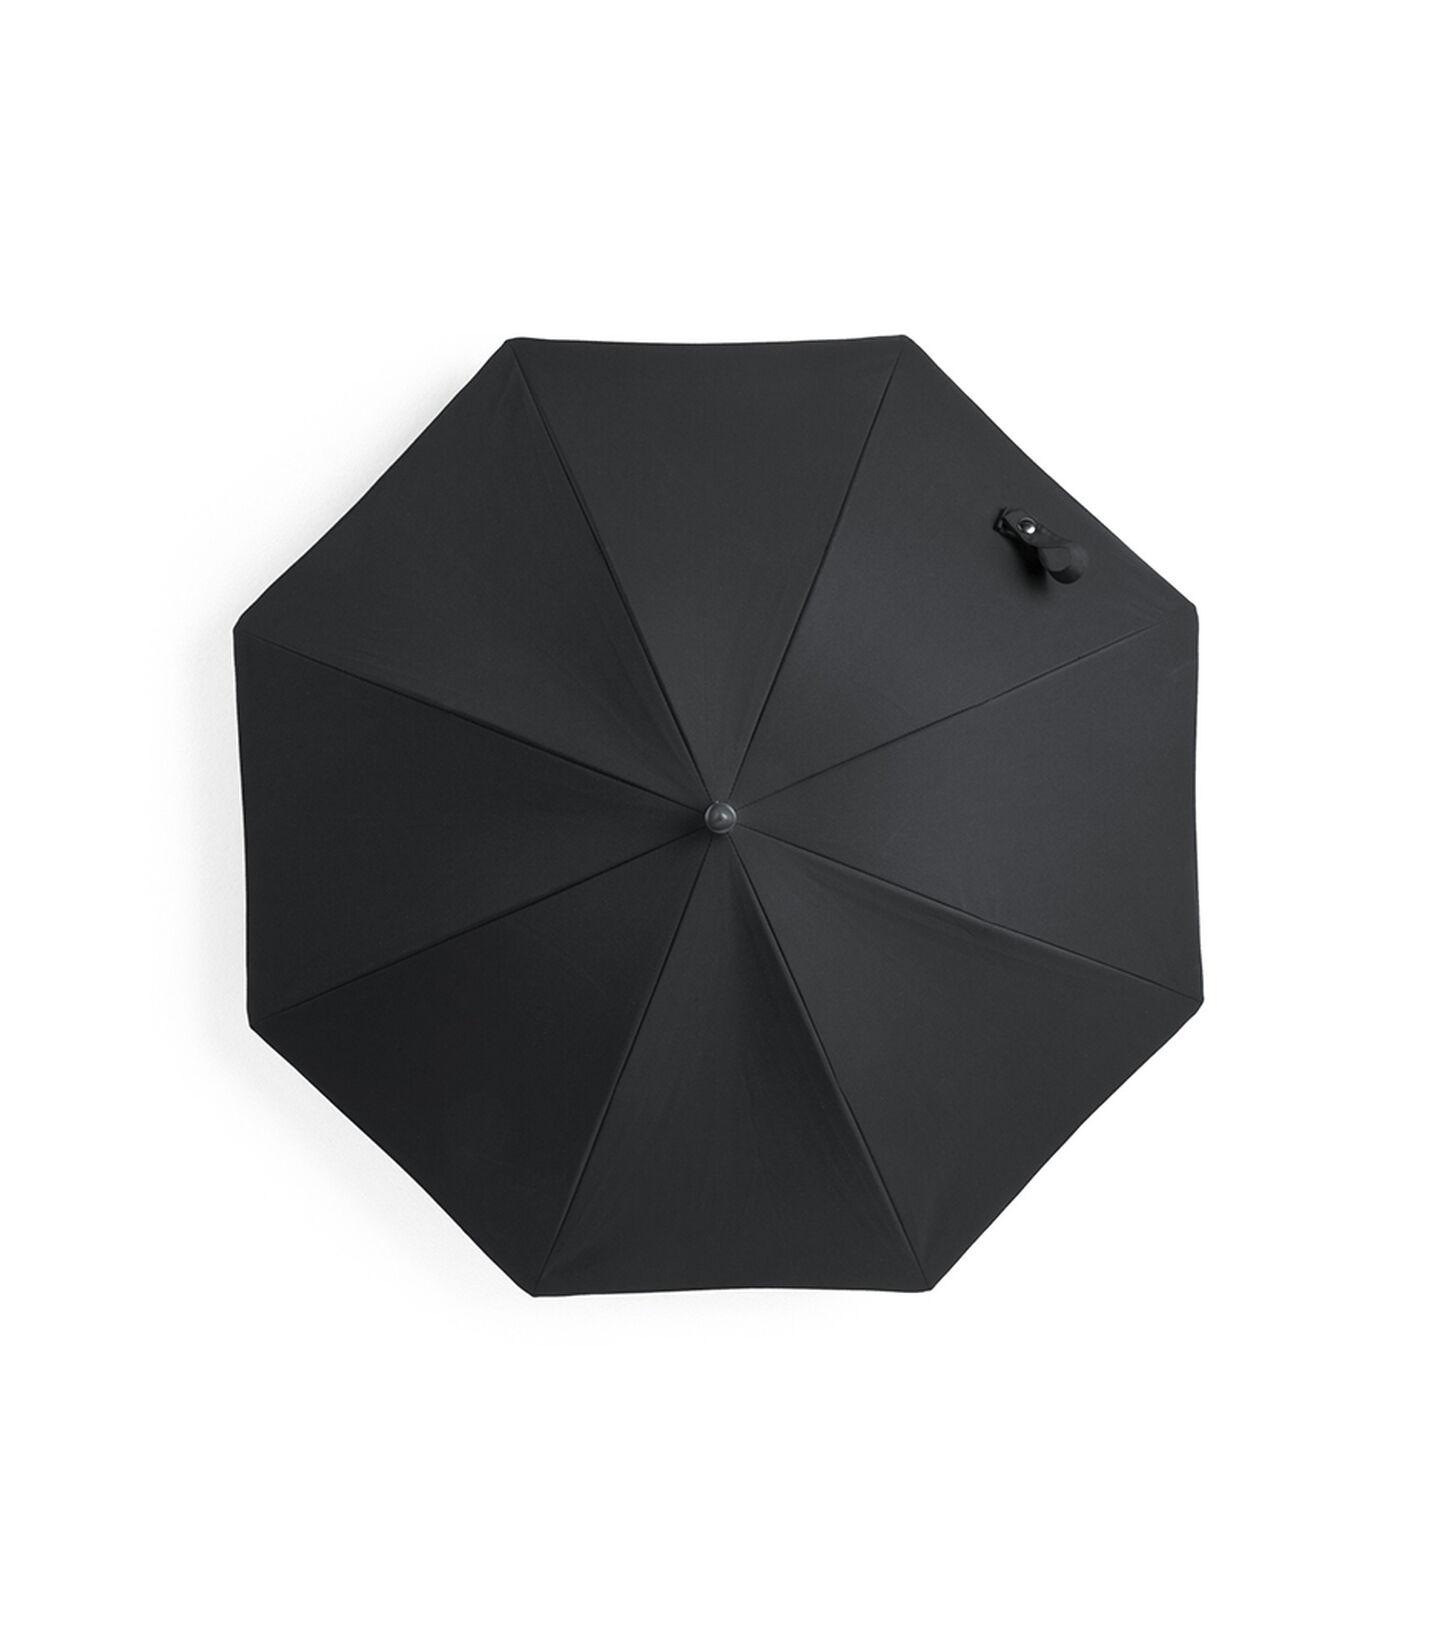 Stokke® Xplory® Black Parasol Black, Black, mainview view 2